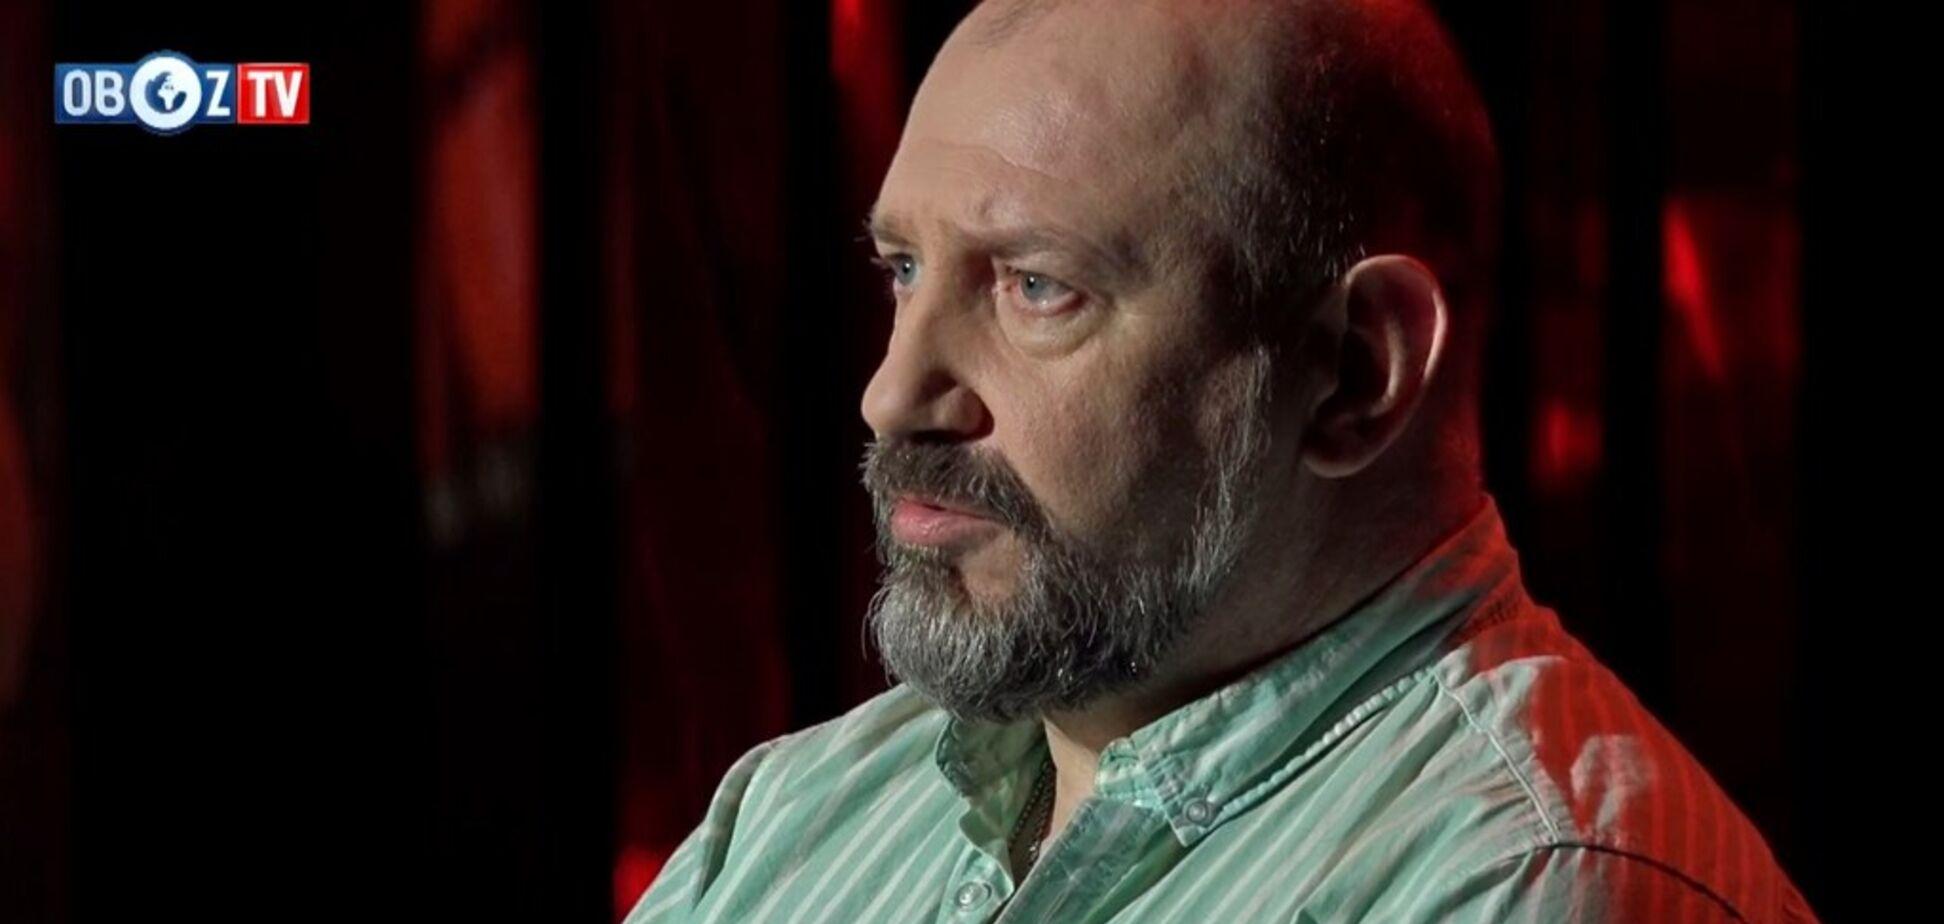 ''Грабили и мародерствовали'': Мельничук признал преступления ''Айдара''